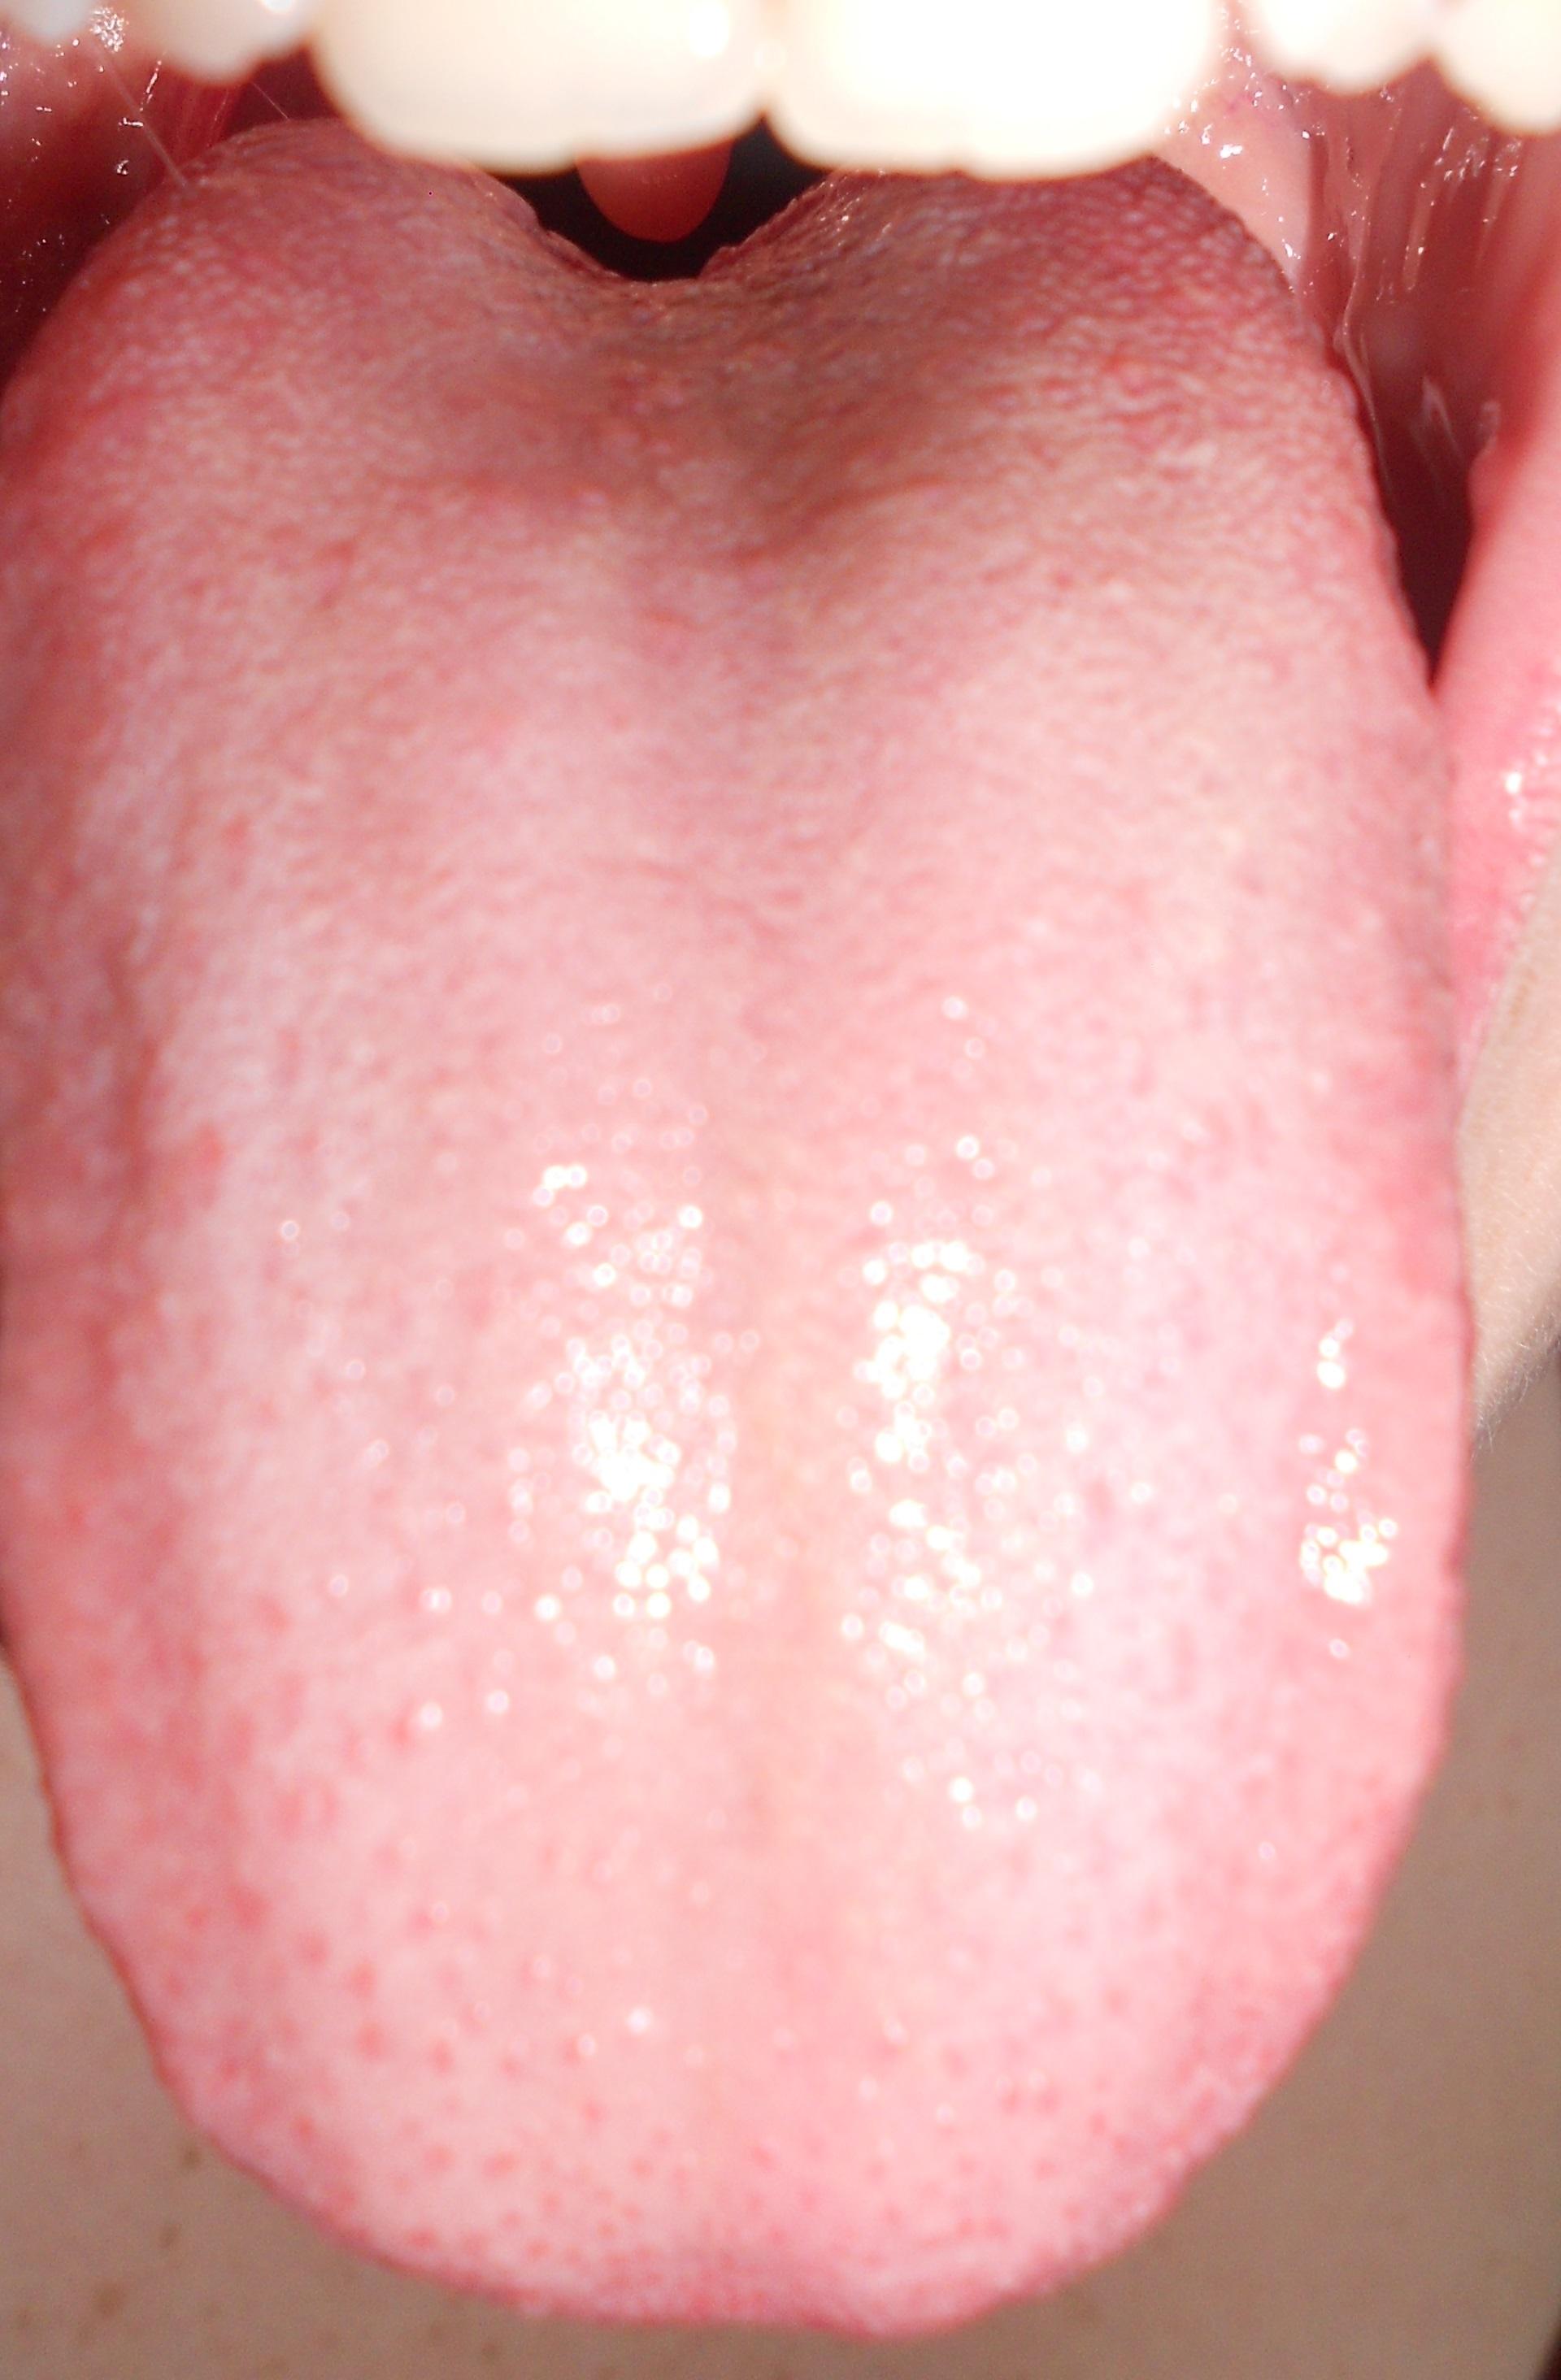 Zunge weiß belegt rote Punkte (Gesundheit, Arzt, Krankheit)